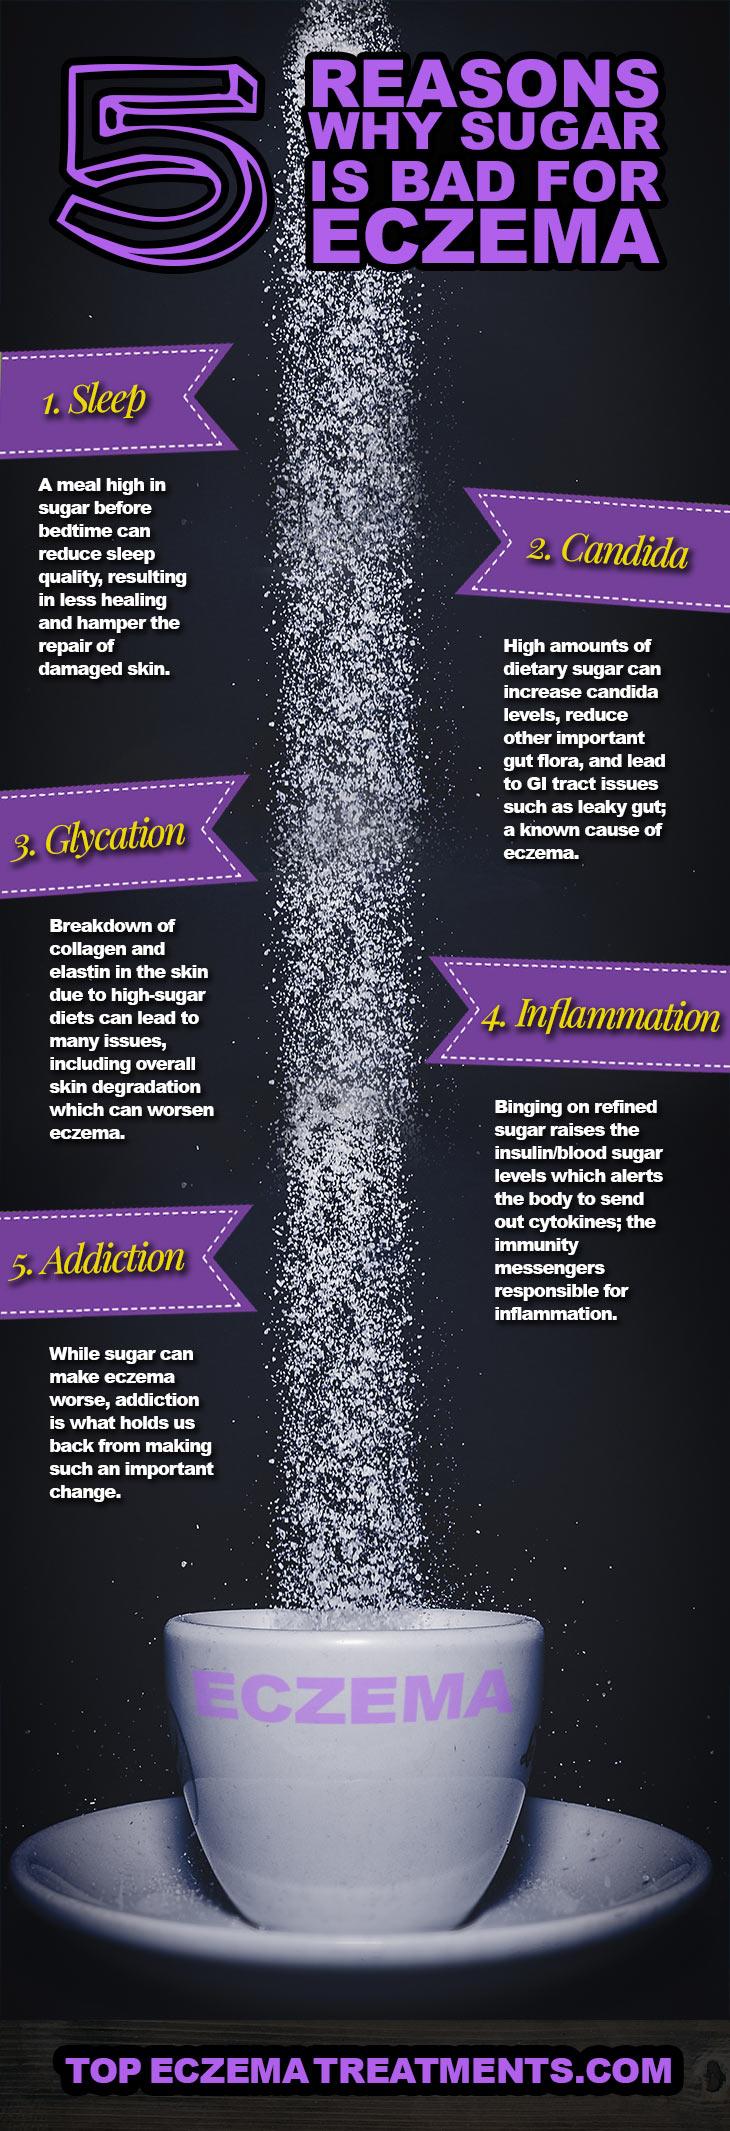 Eczema and Sugar